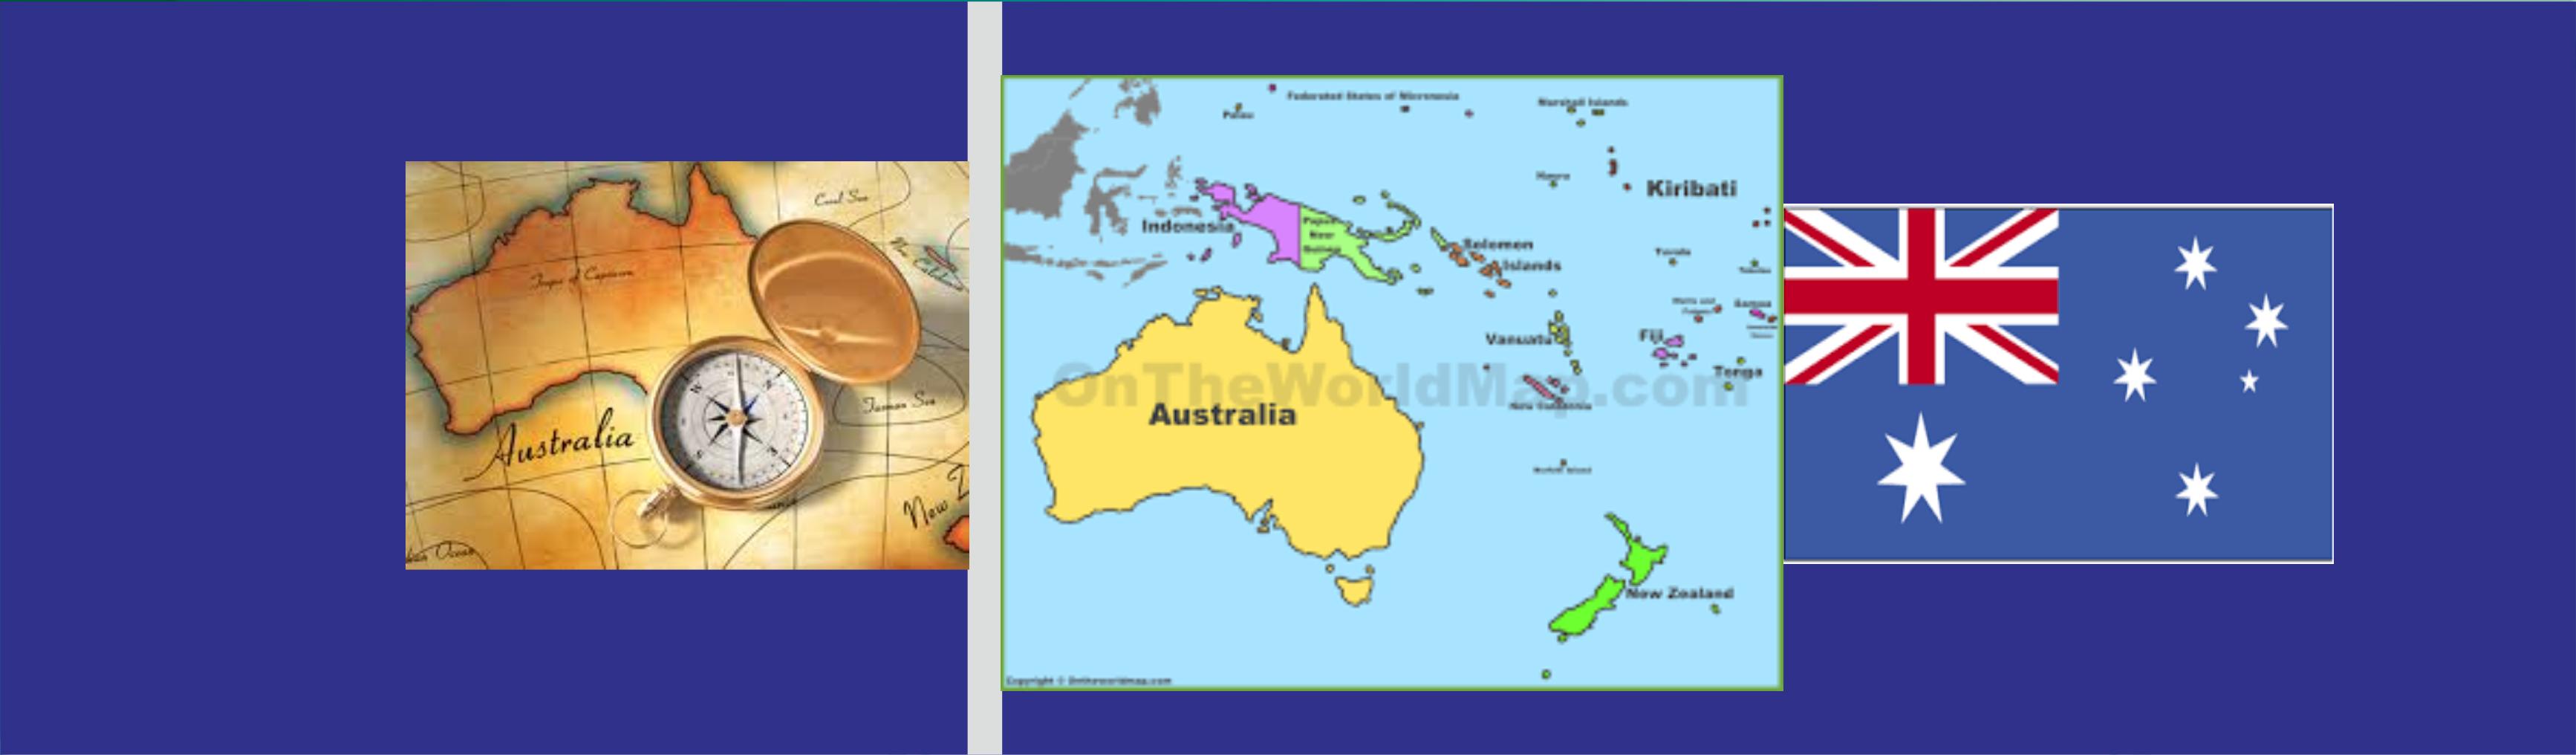 Sejarah Australia dan Oceania